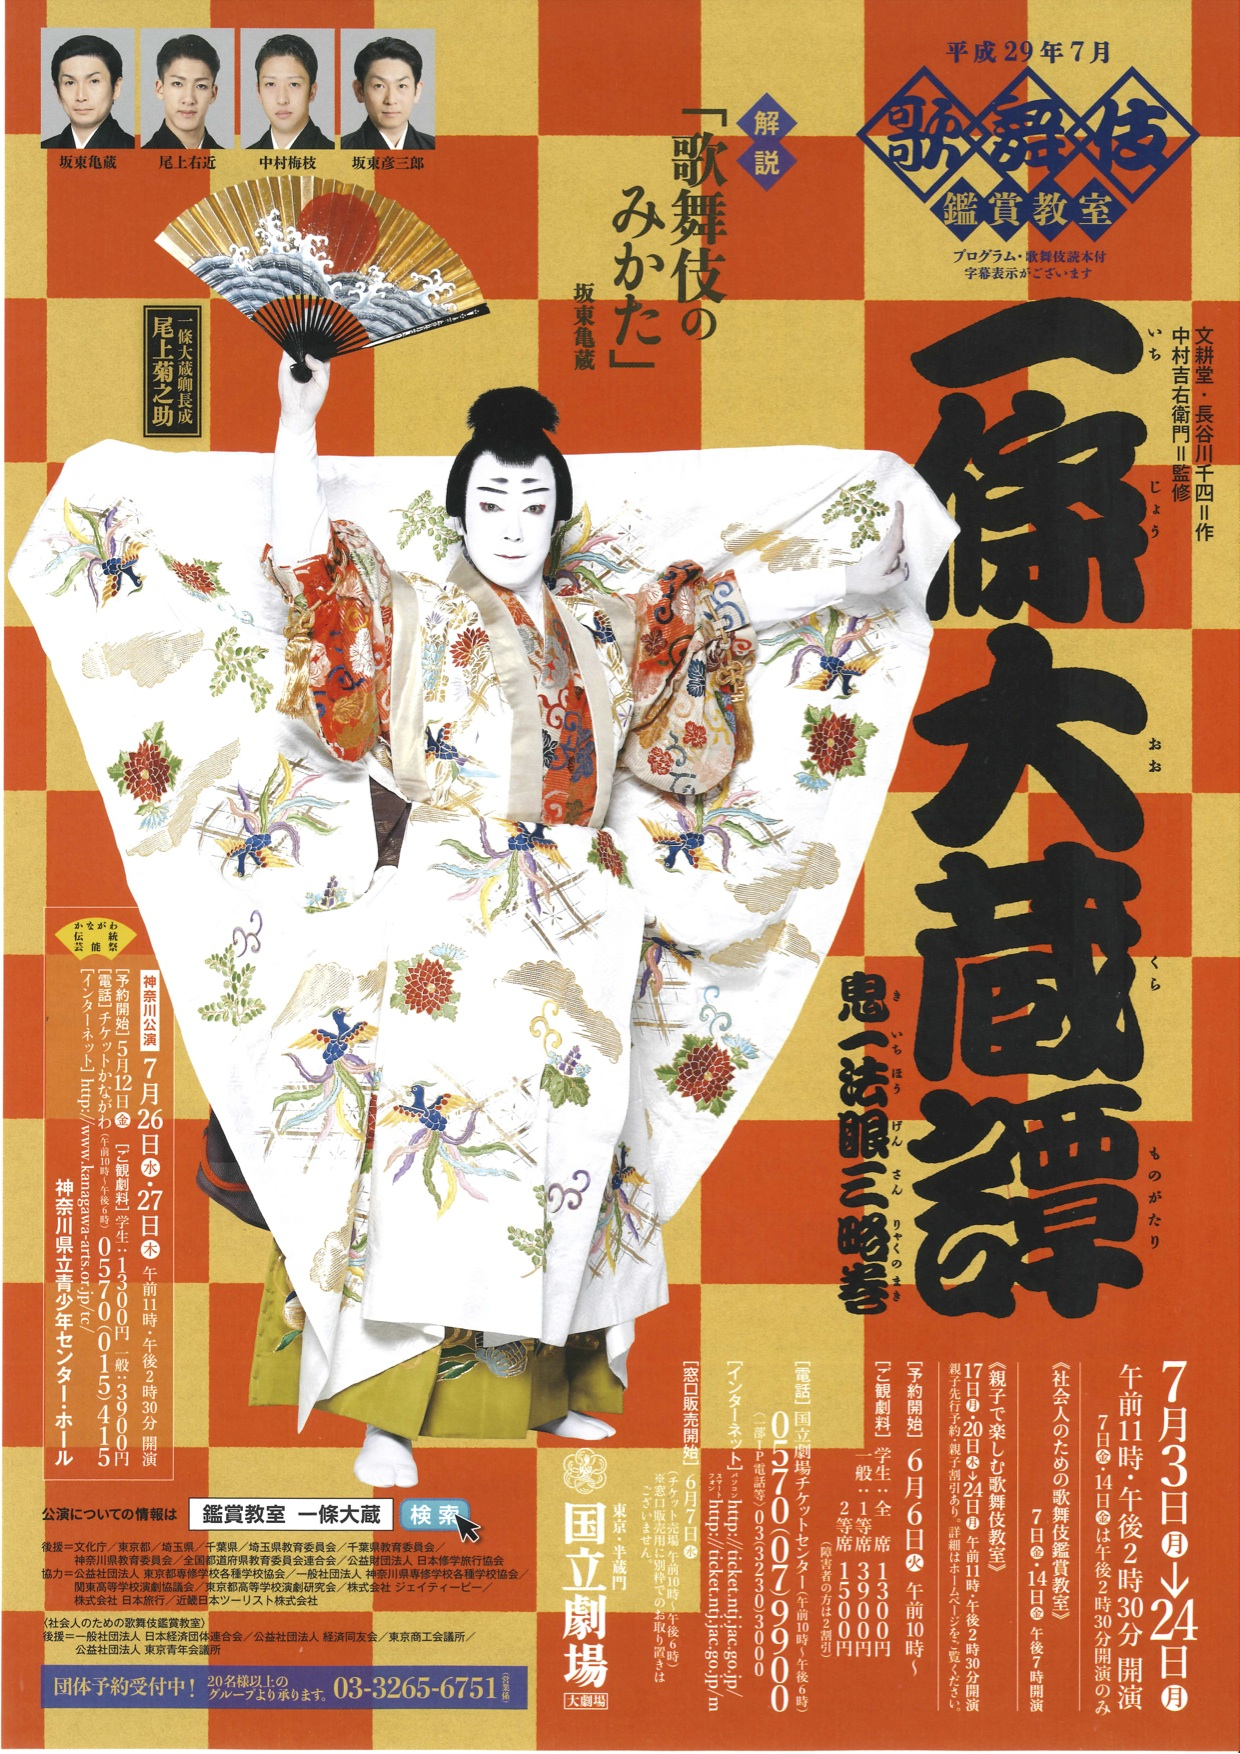 海外でも人気の <歌舞伎> の魅力を 「横浜で」 !! 神奈川県歌舞伎鑑賞教室のご案内